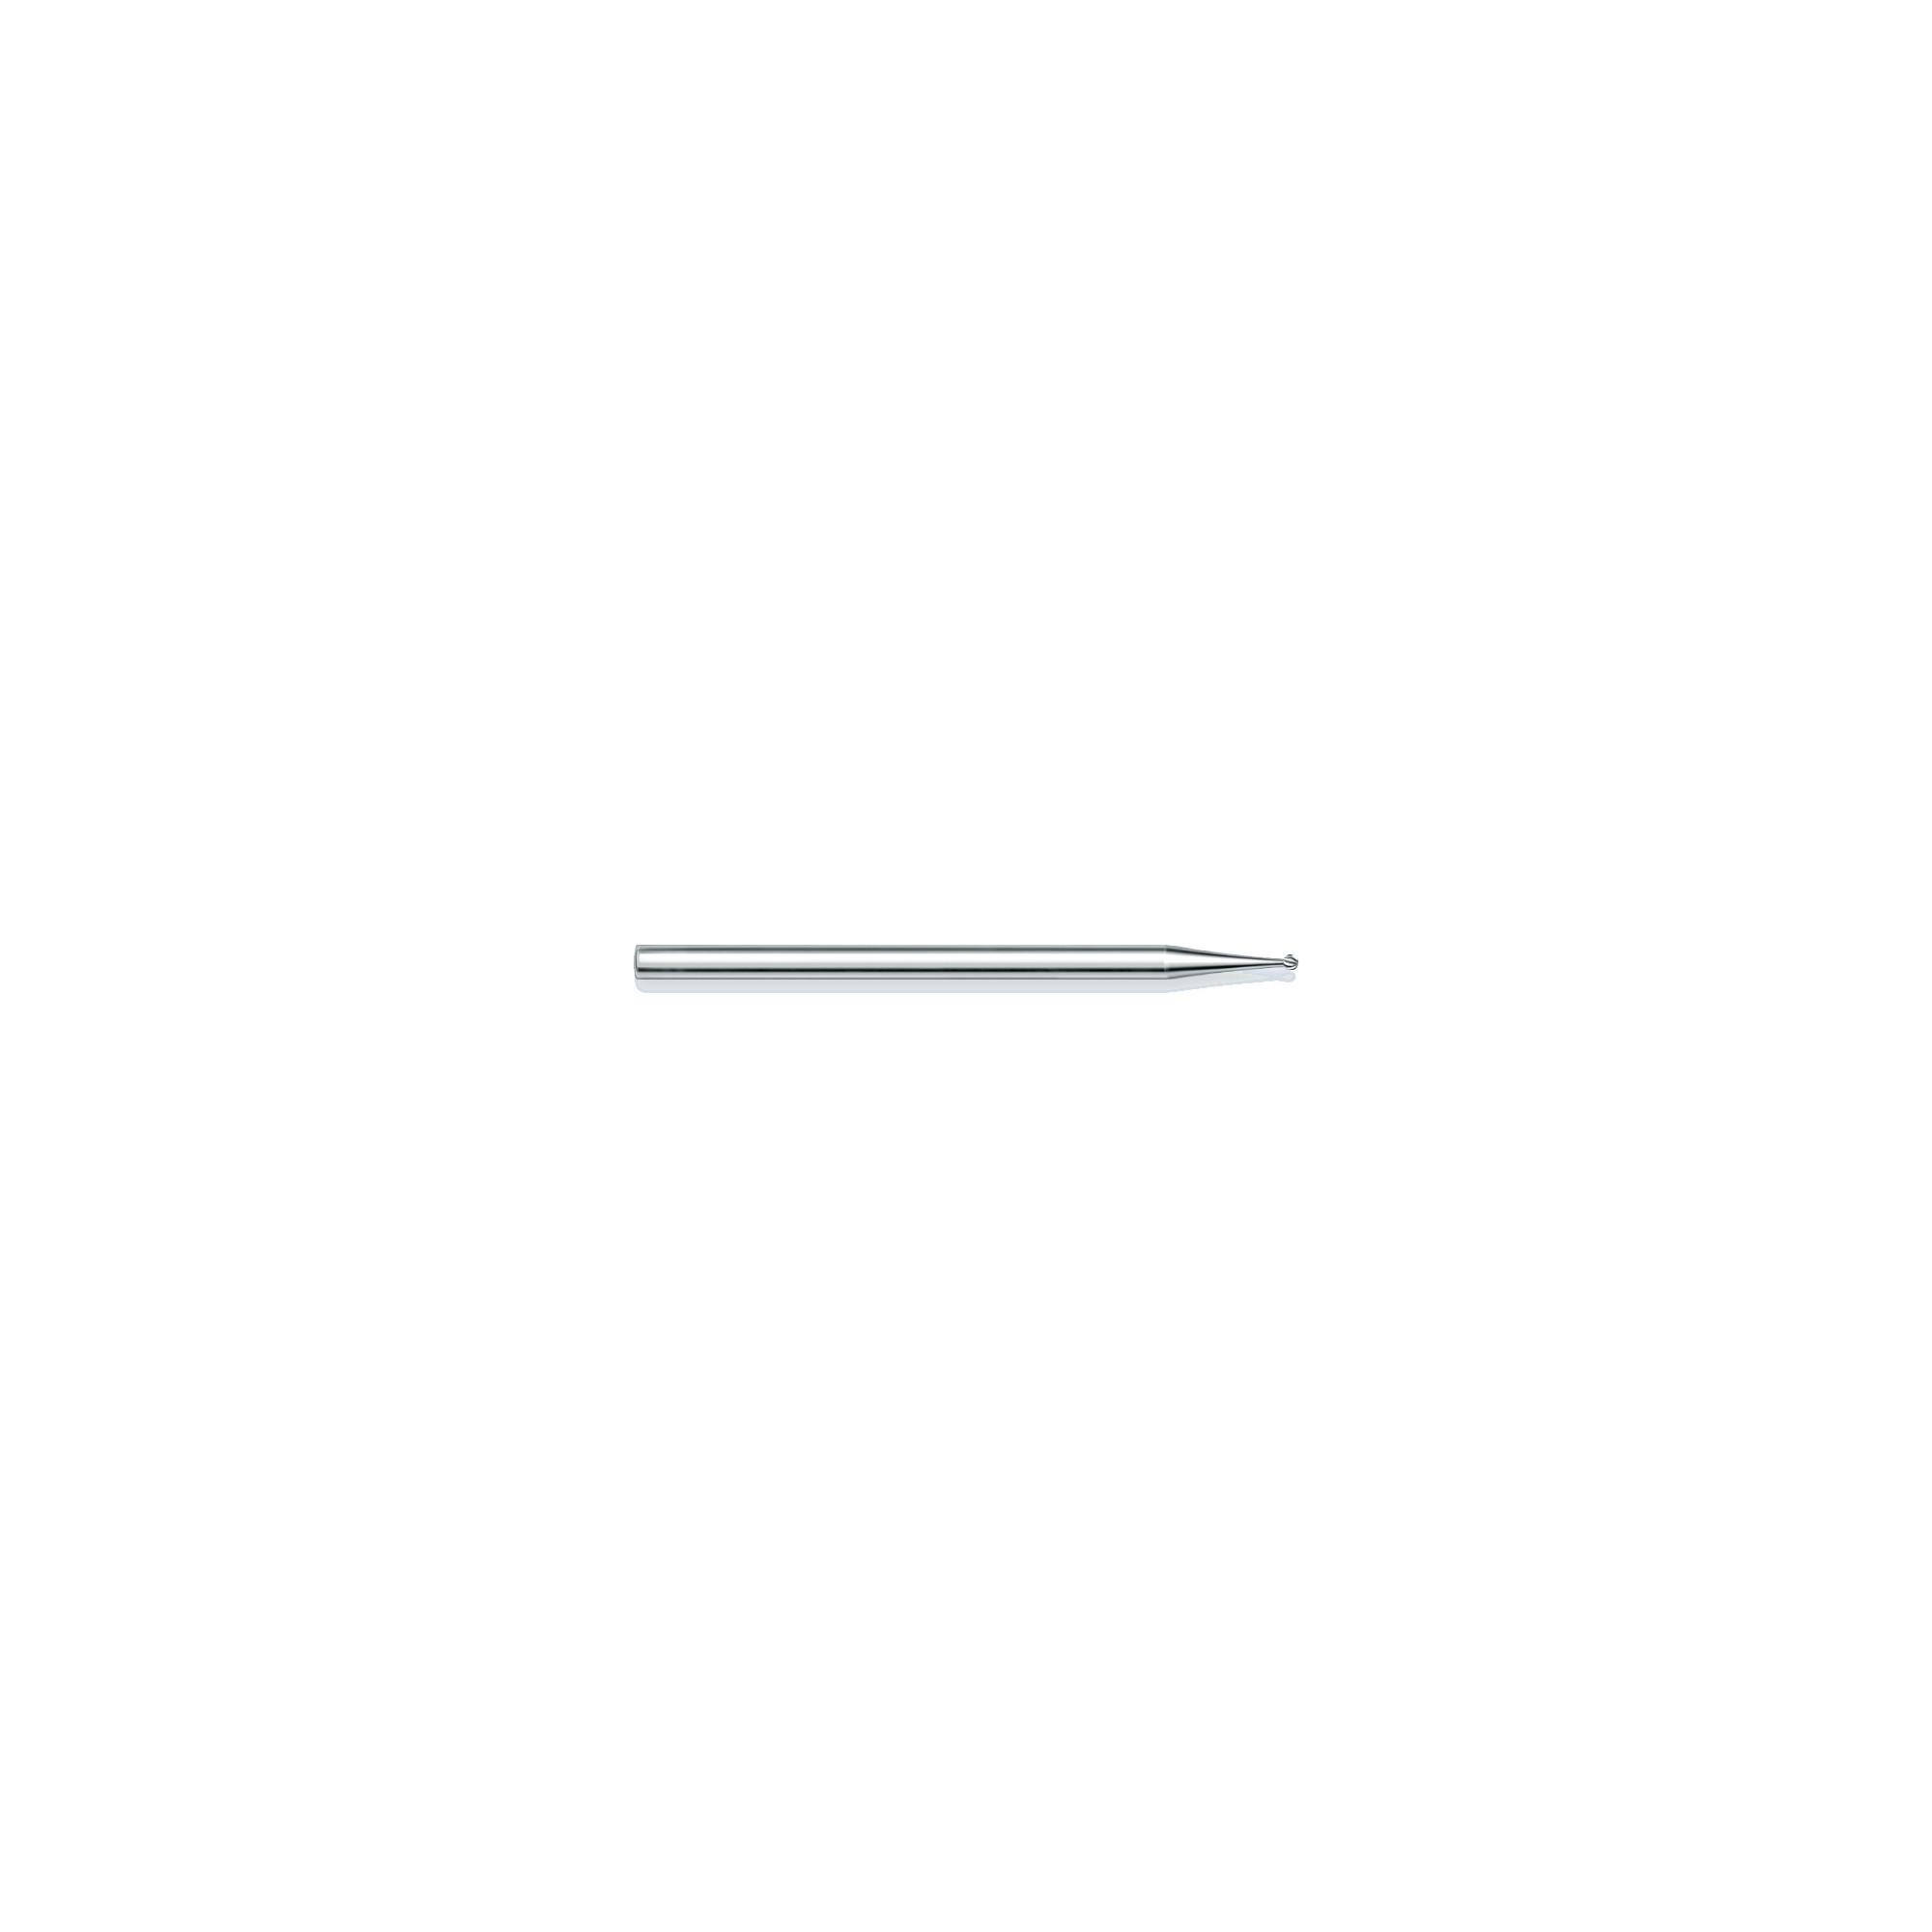 Fraise 1RS - Acier inoxydable - Enucléation des cors - 0,9 mm